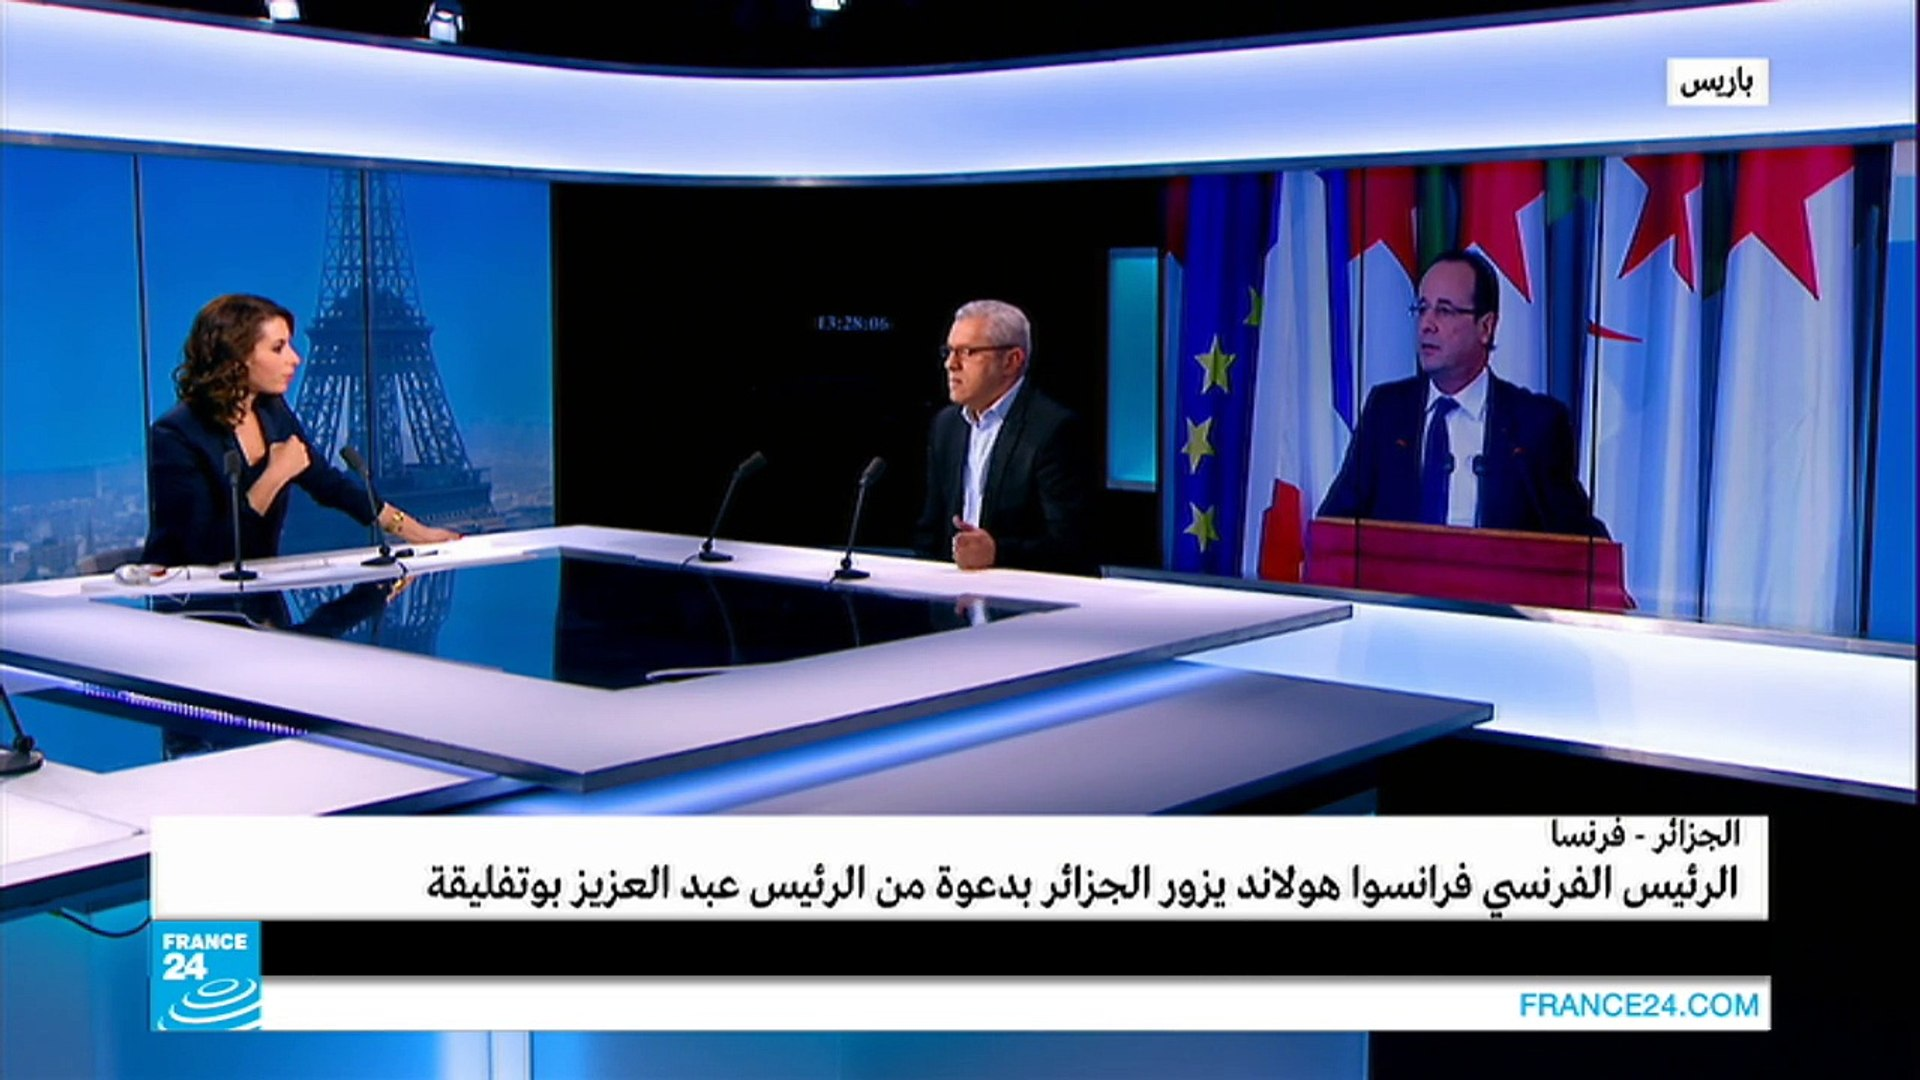 الجزائر-فرنسا: الرئيس فرانسوا هولاند يزور الجزائر بدعوة من بوتفليقة